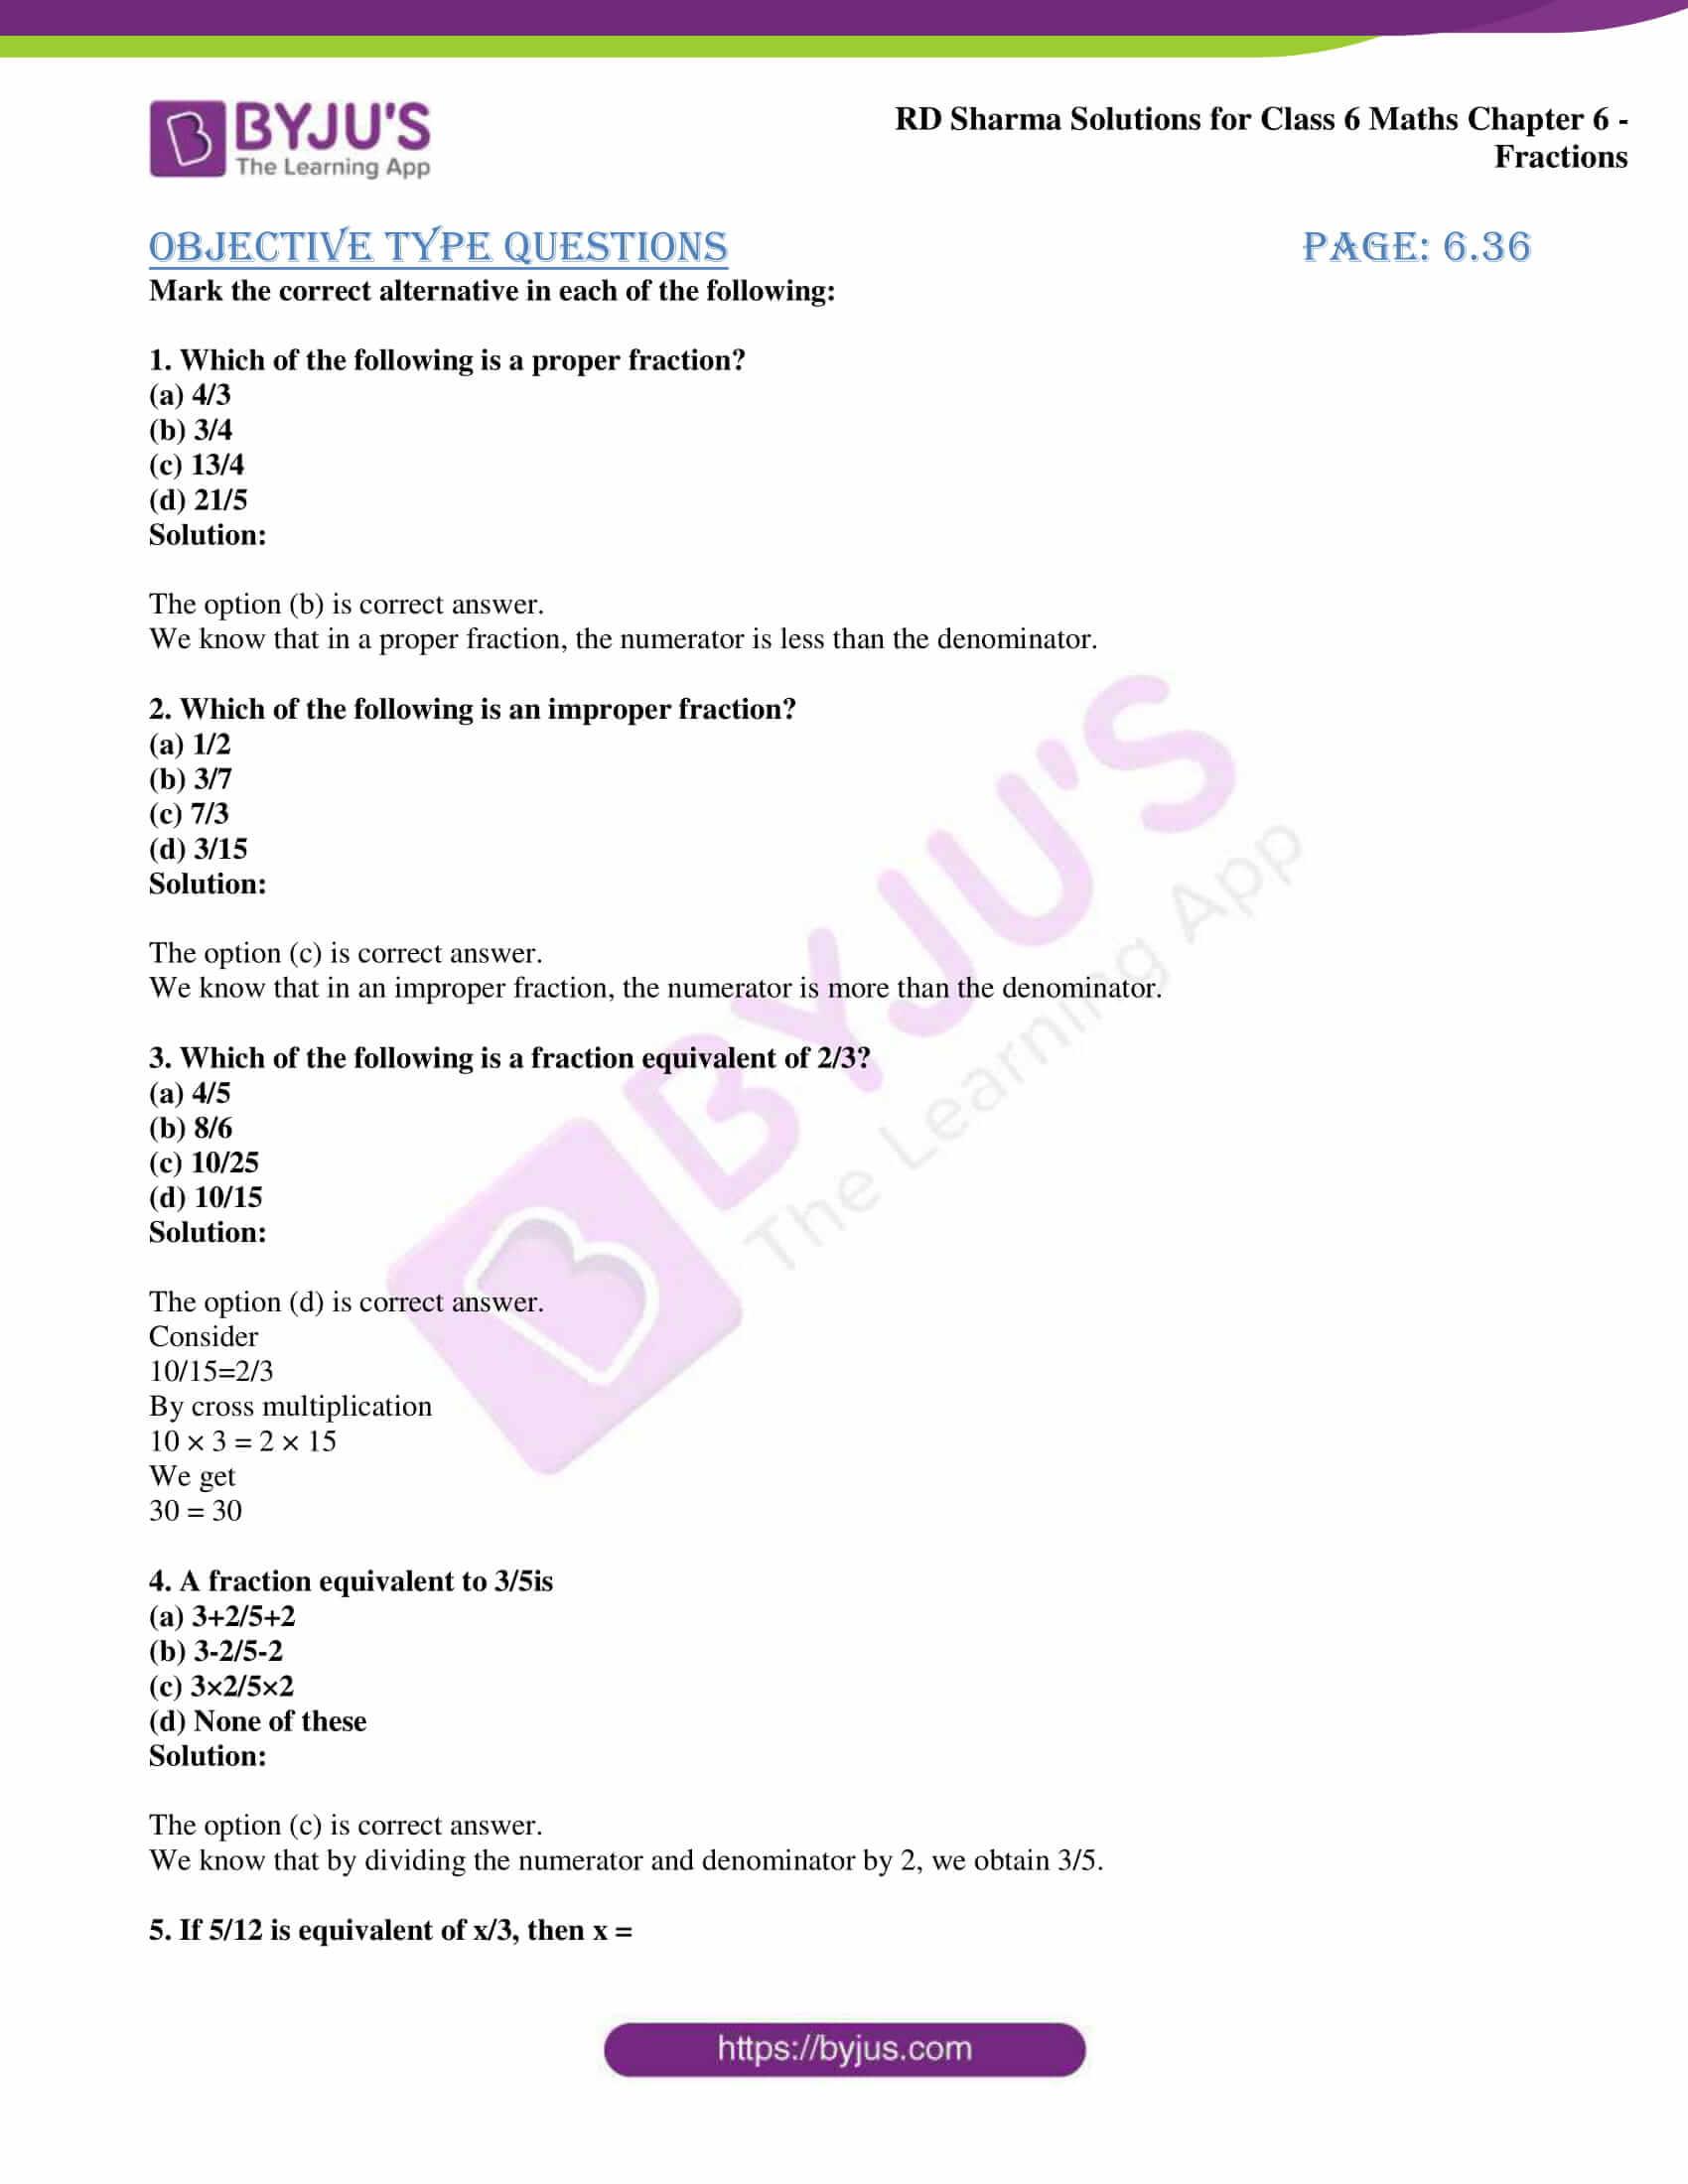 rd sharma class 6 maths solutions chapter 6 obj 1